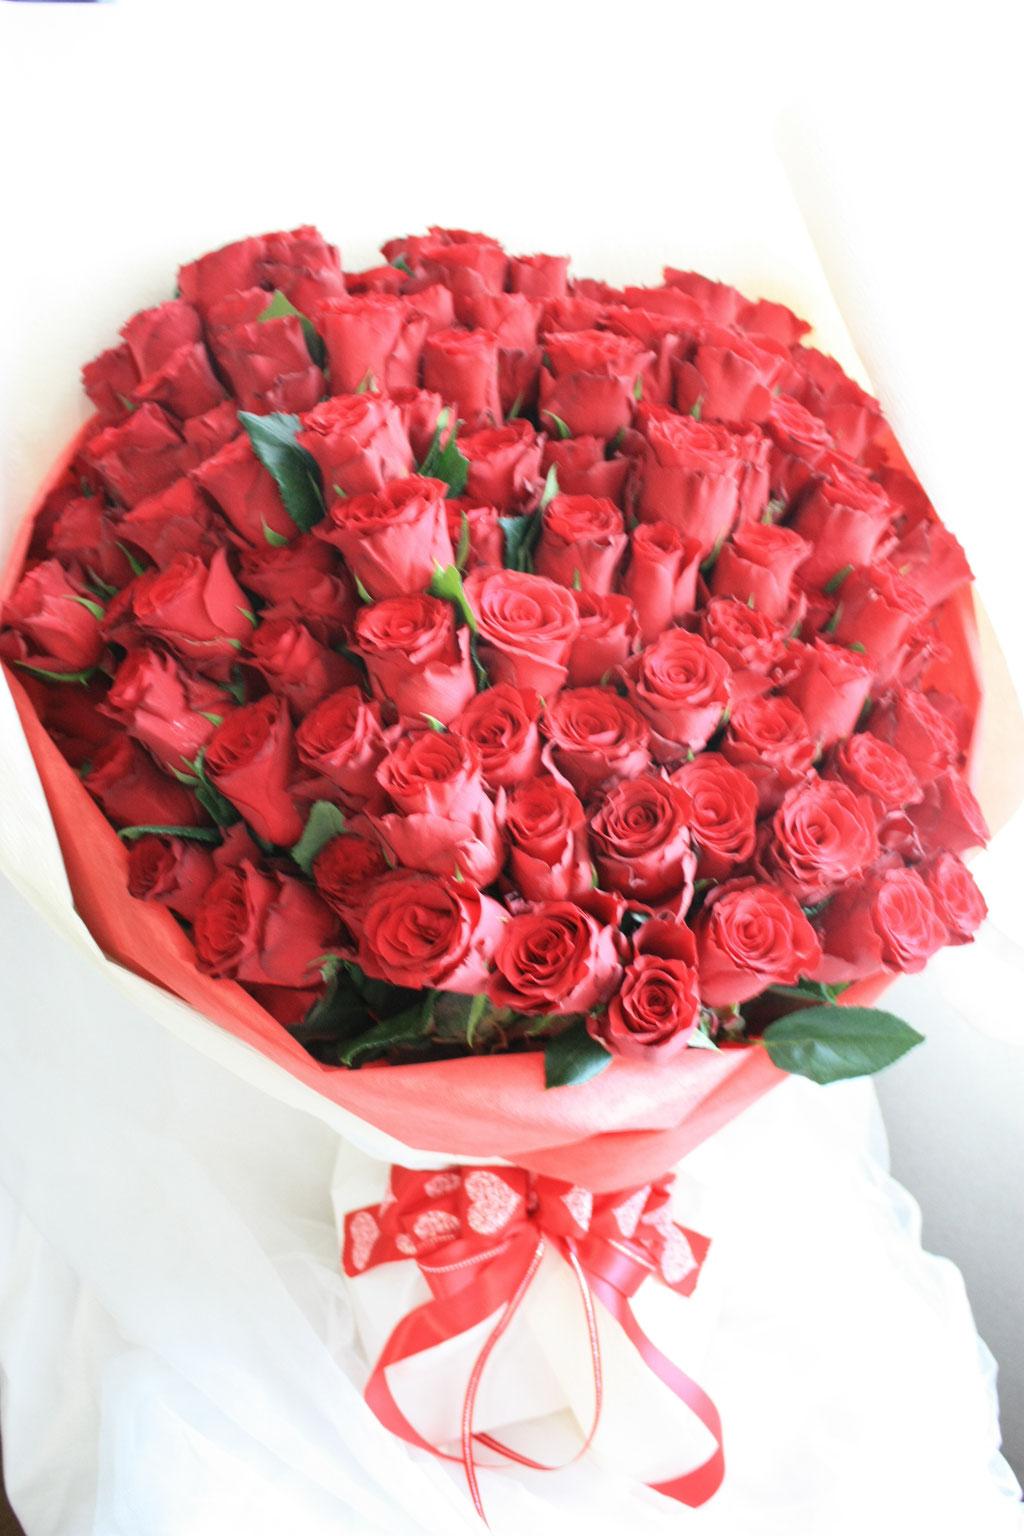 108本 薔薇 花束 赤薔薇 プロポーズ ディズニー 花屋 舞浜 浦安 配達無料